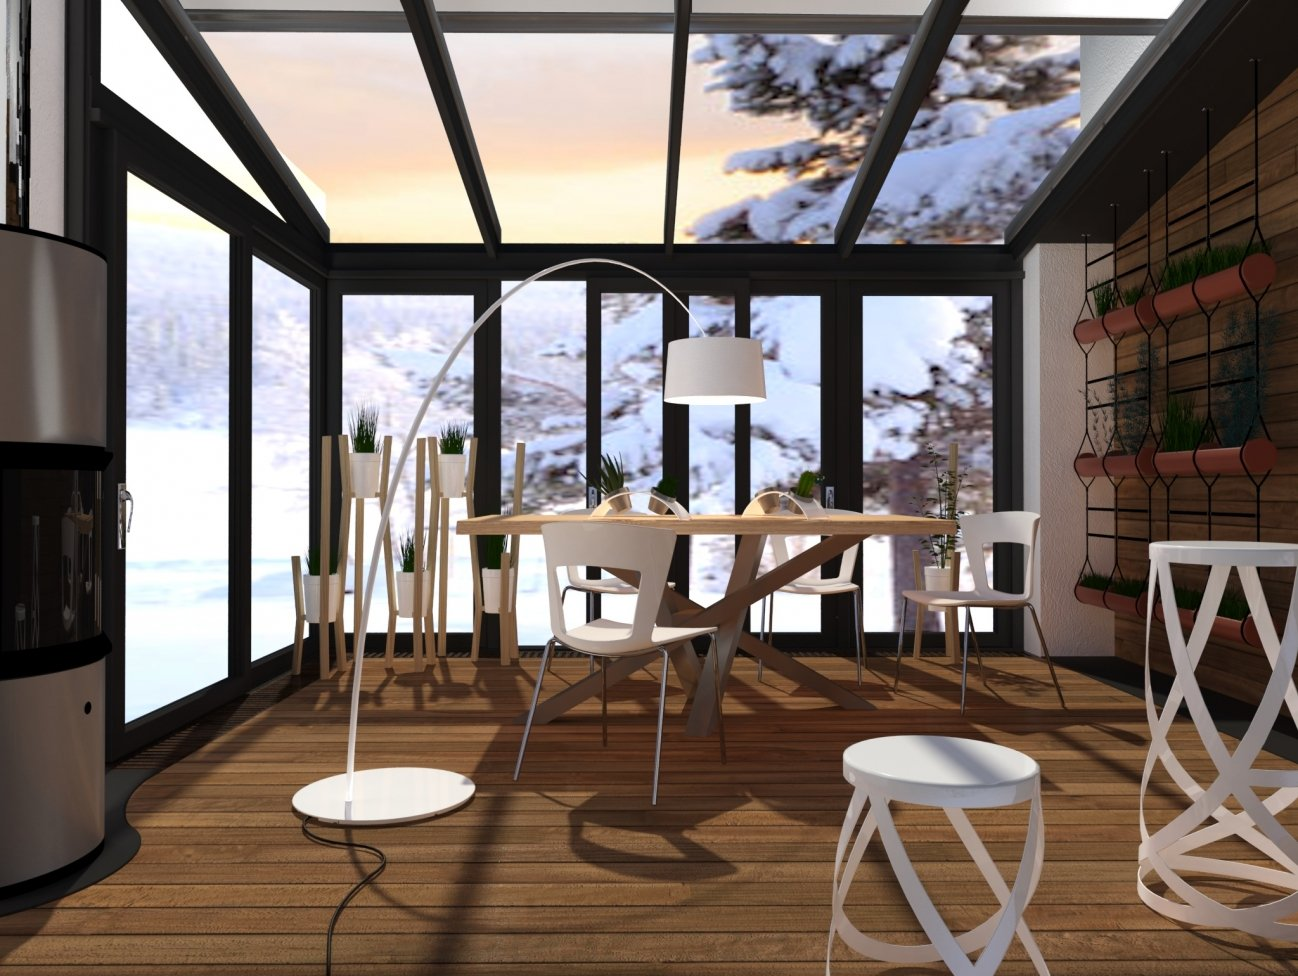 Giardino Dinverno Veranda : Fare la veranda per il giardino d inverno cose di casa